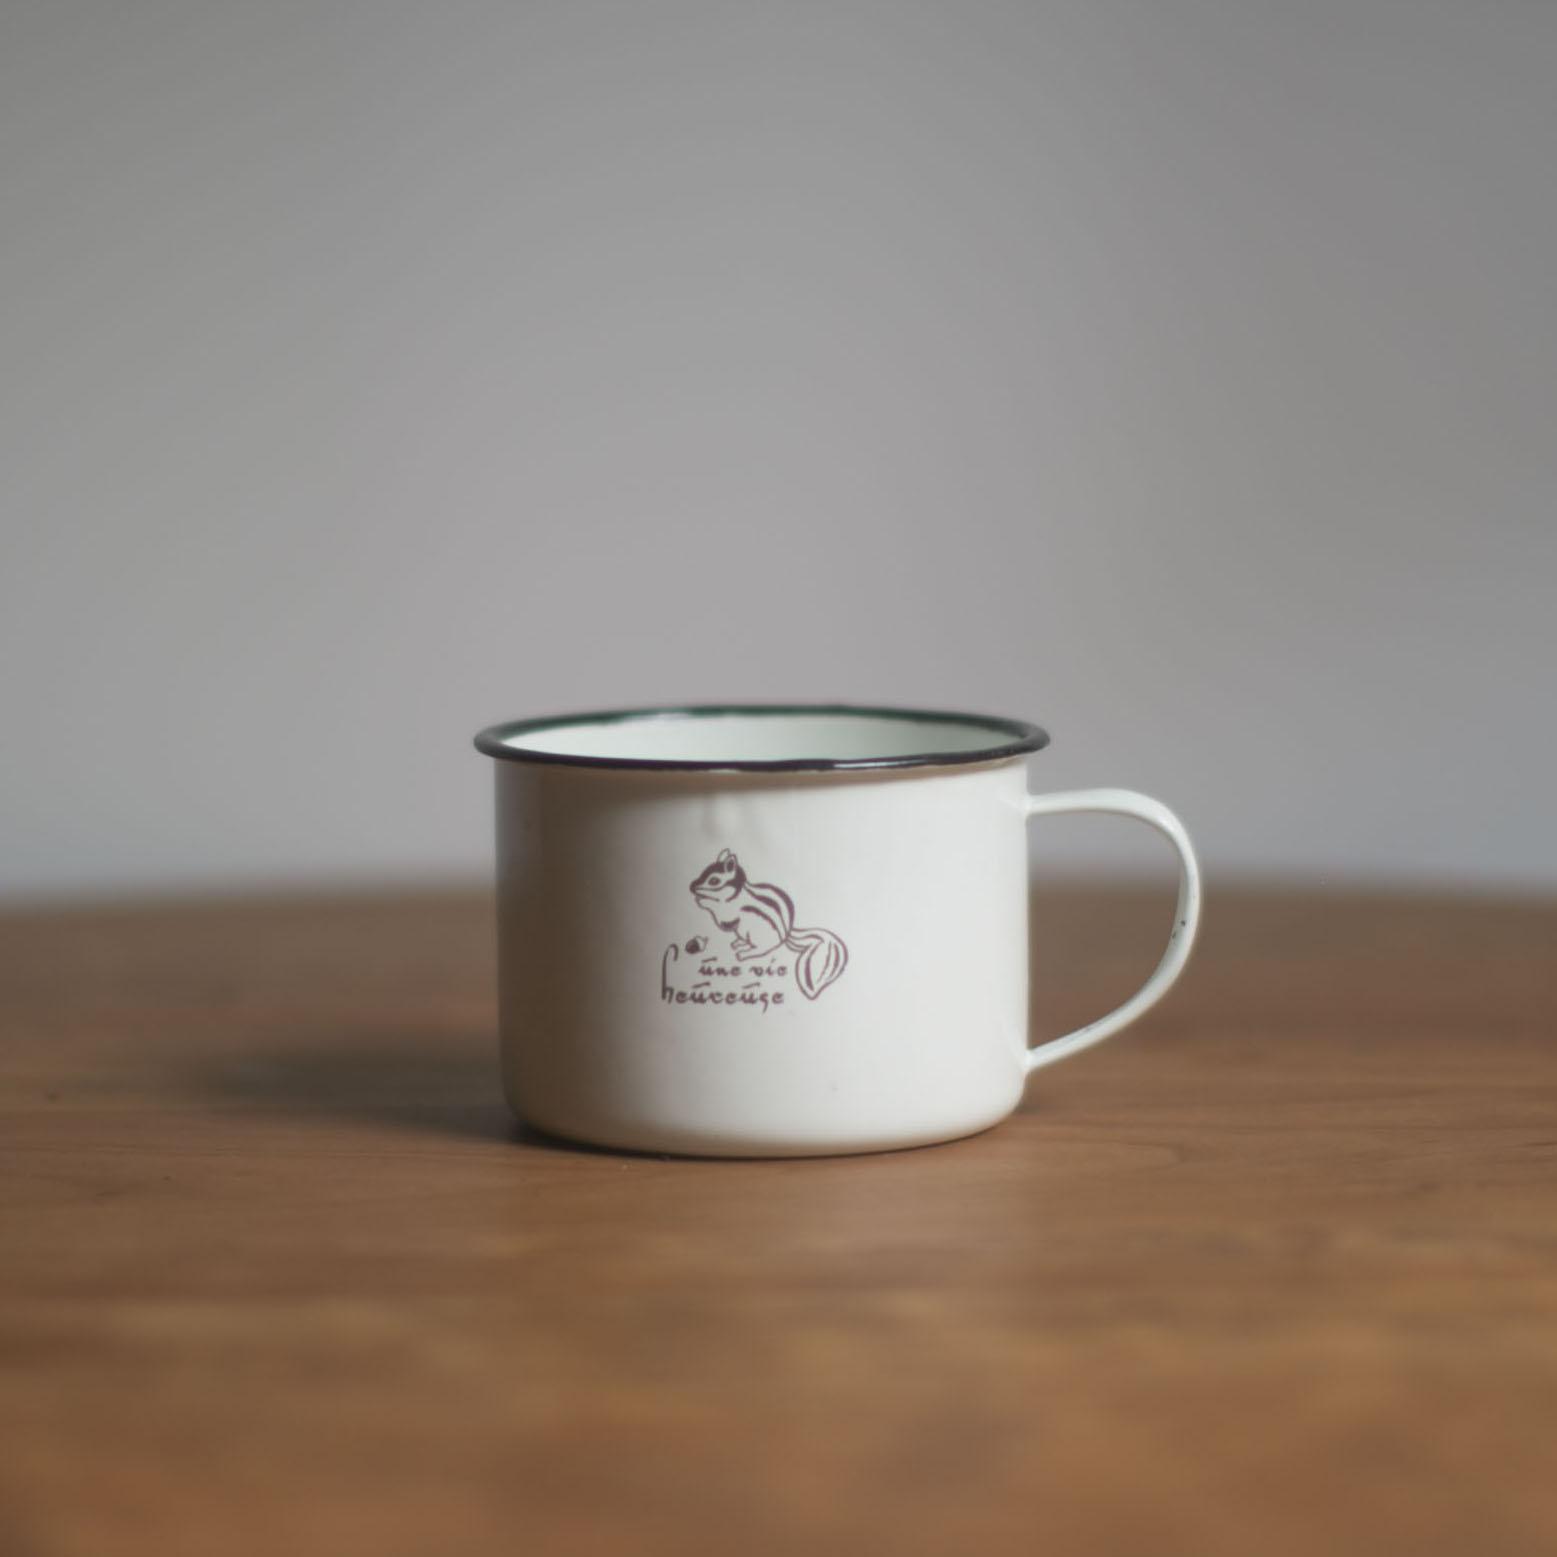 樸房 復古懷舊搪瓷咖啡杯 胖呼呼的好有趣 約410ml